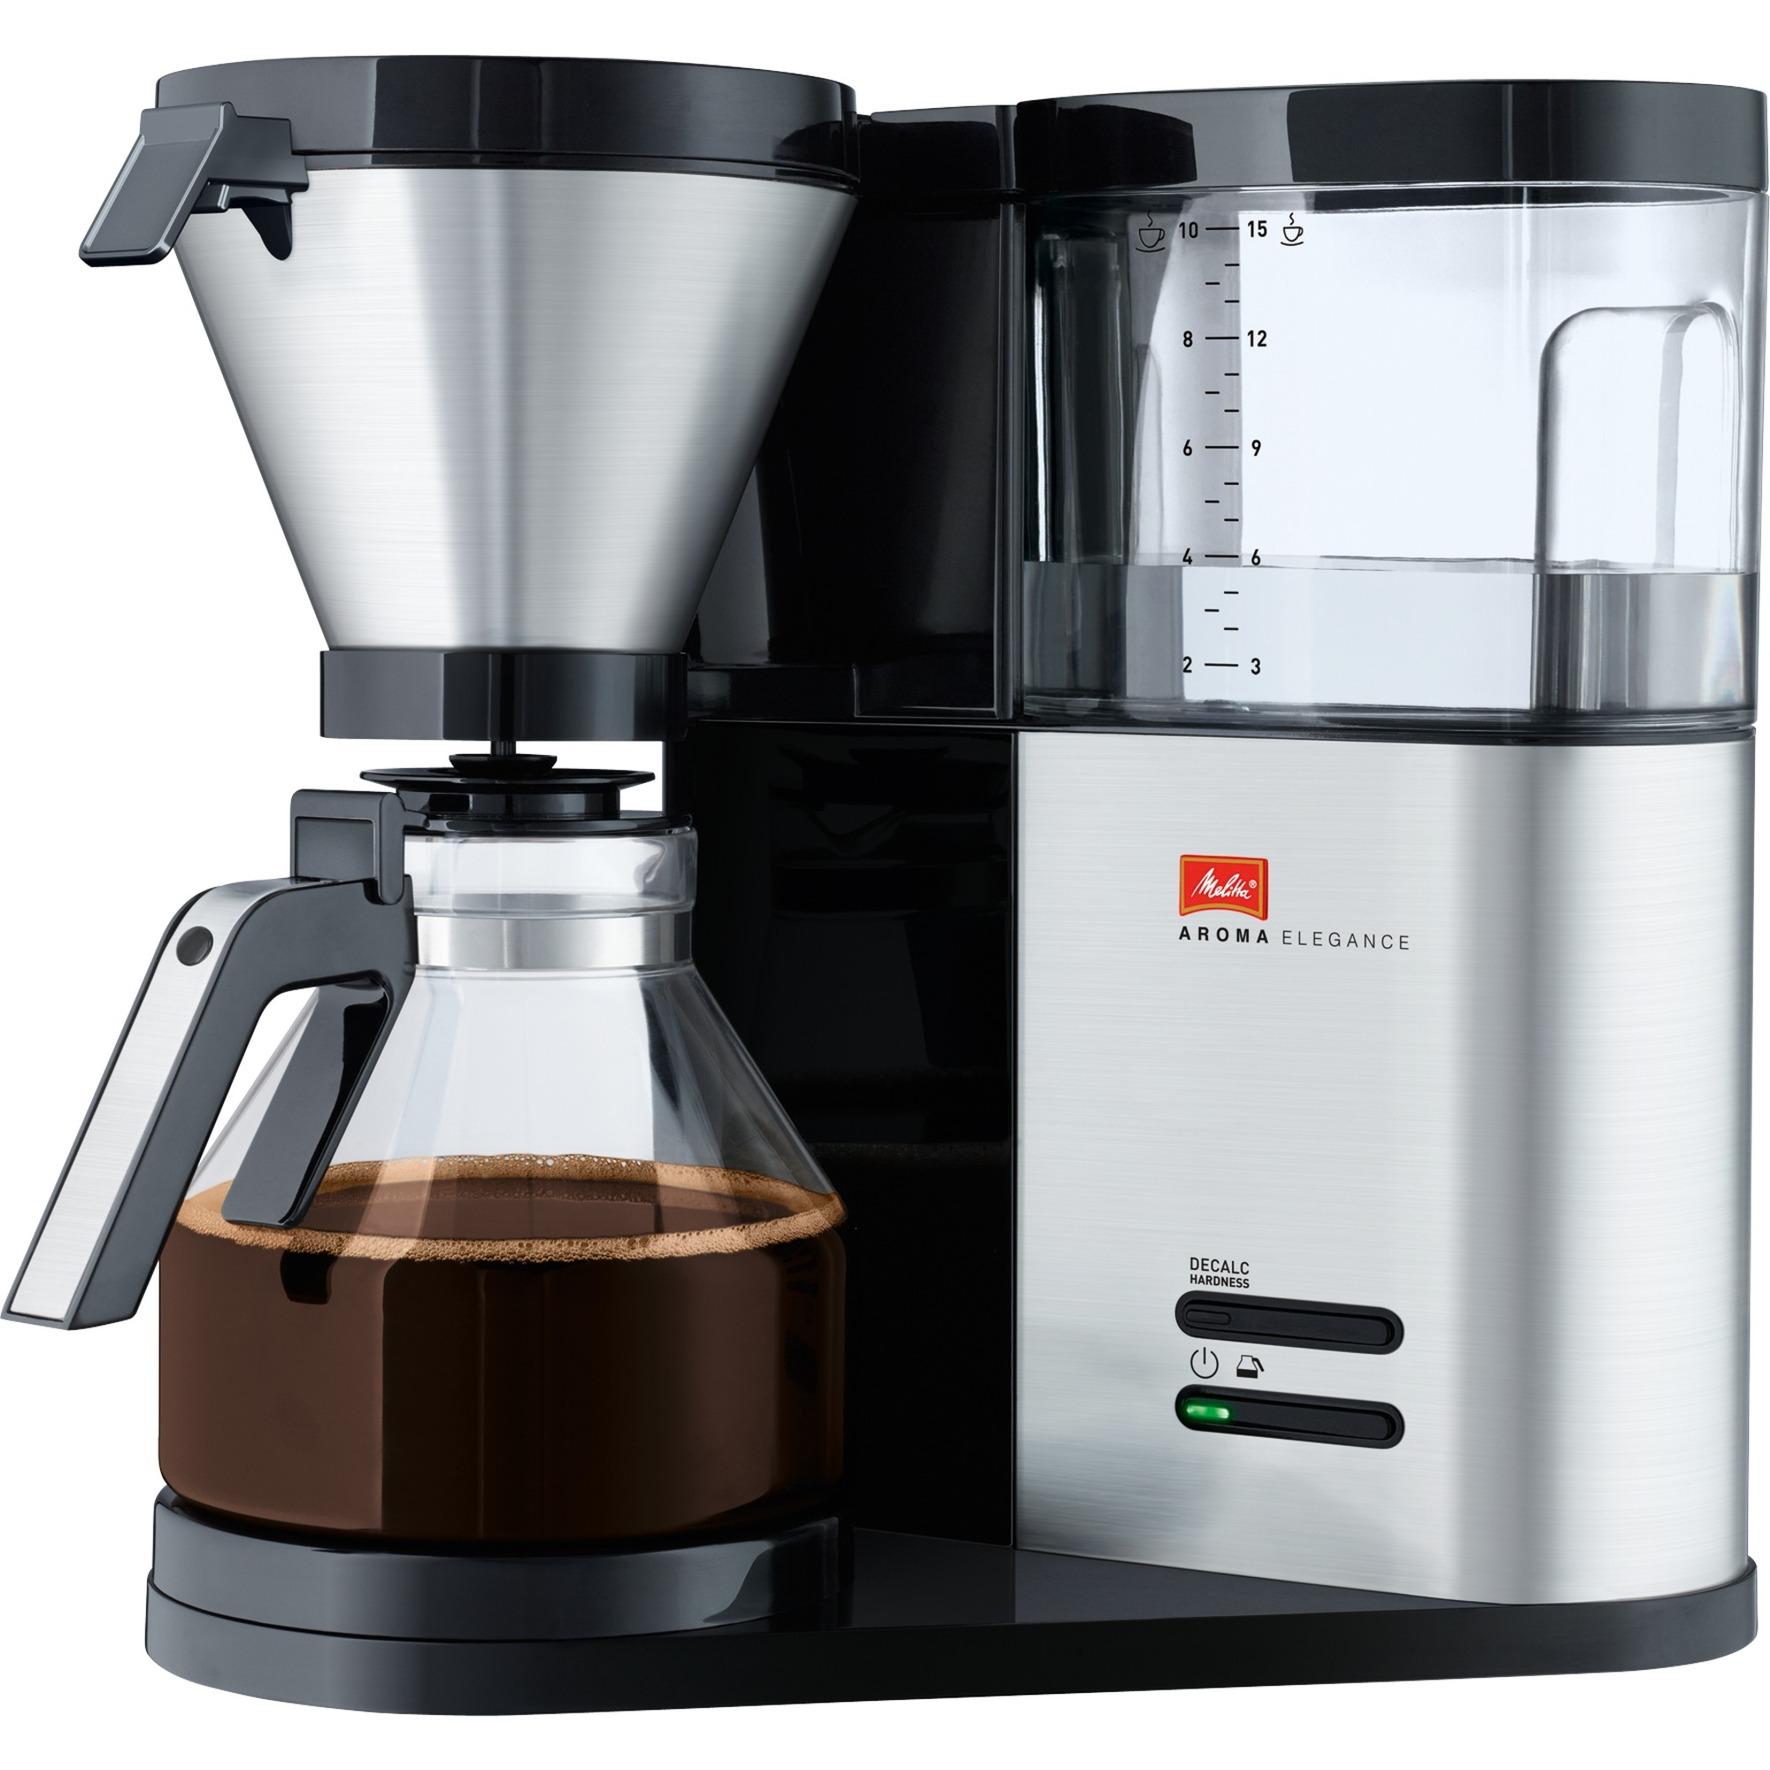 Aroma Elegance 1012-01 Independiente Cafetera de filtro Acero inoxidable 1,25 L 10 tazas Semi-automática